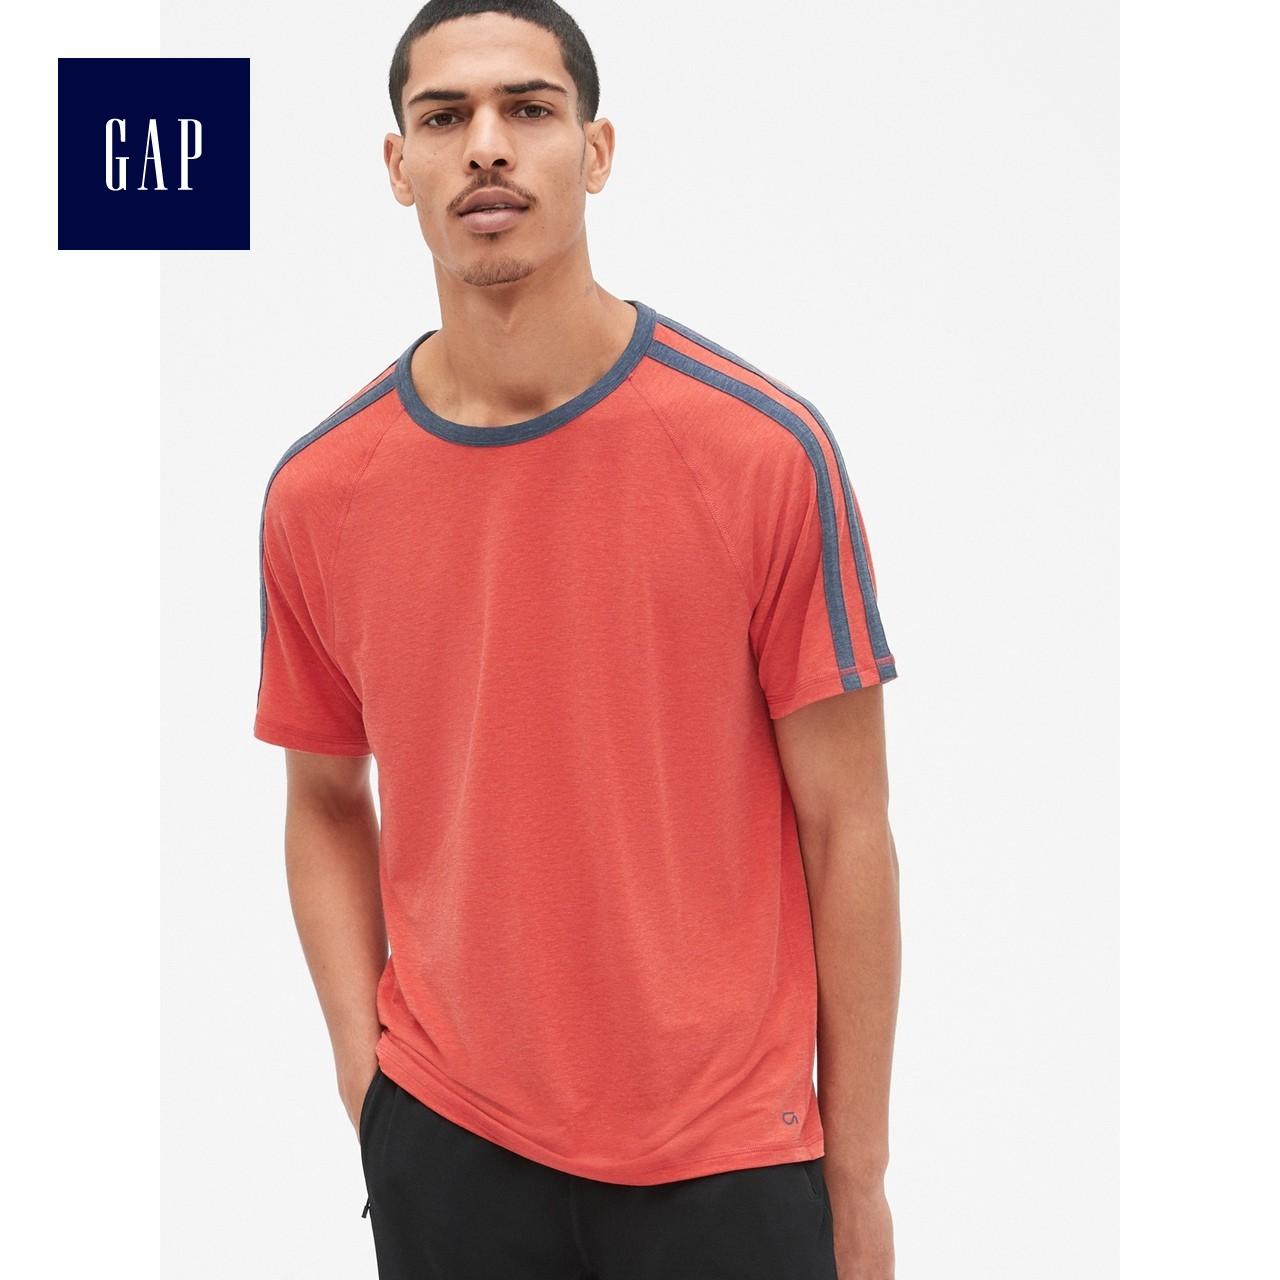 Áo thun thể thao nam GapFit sê-ri 420676 áo ngắn tay thoáng khí chạm đáy áo sơ mi nam - Áo phông thể thao